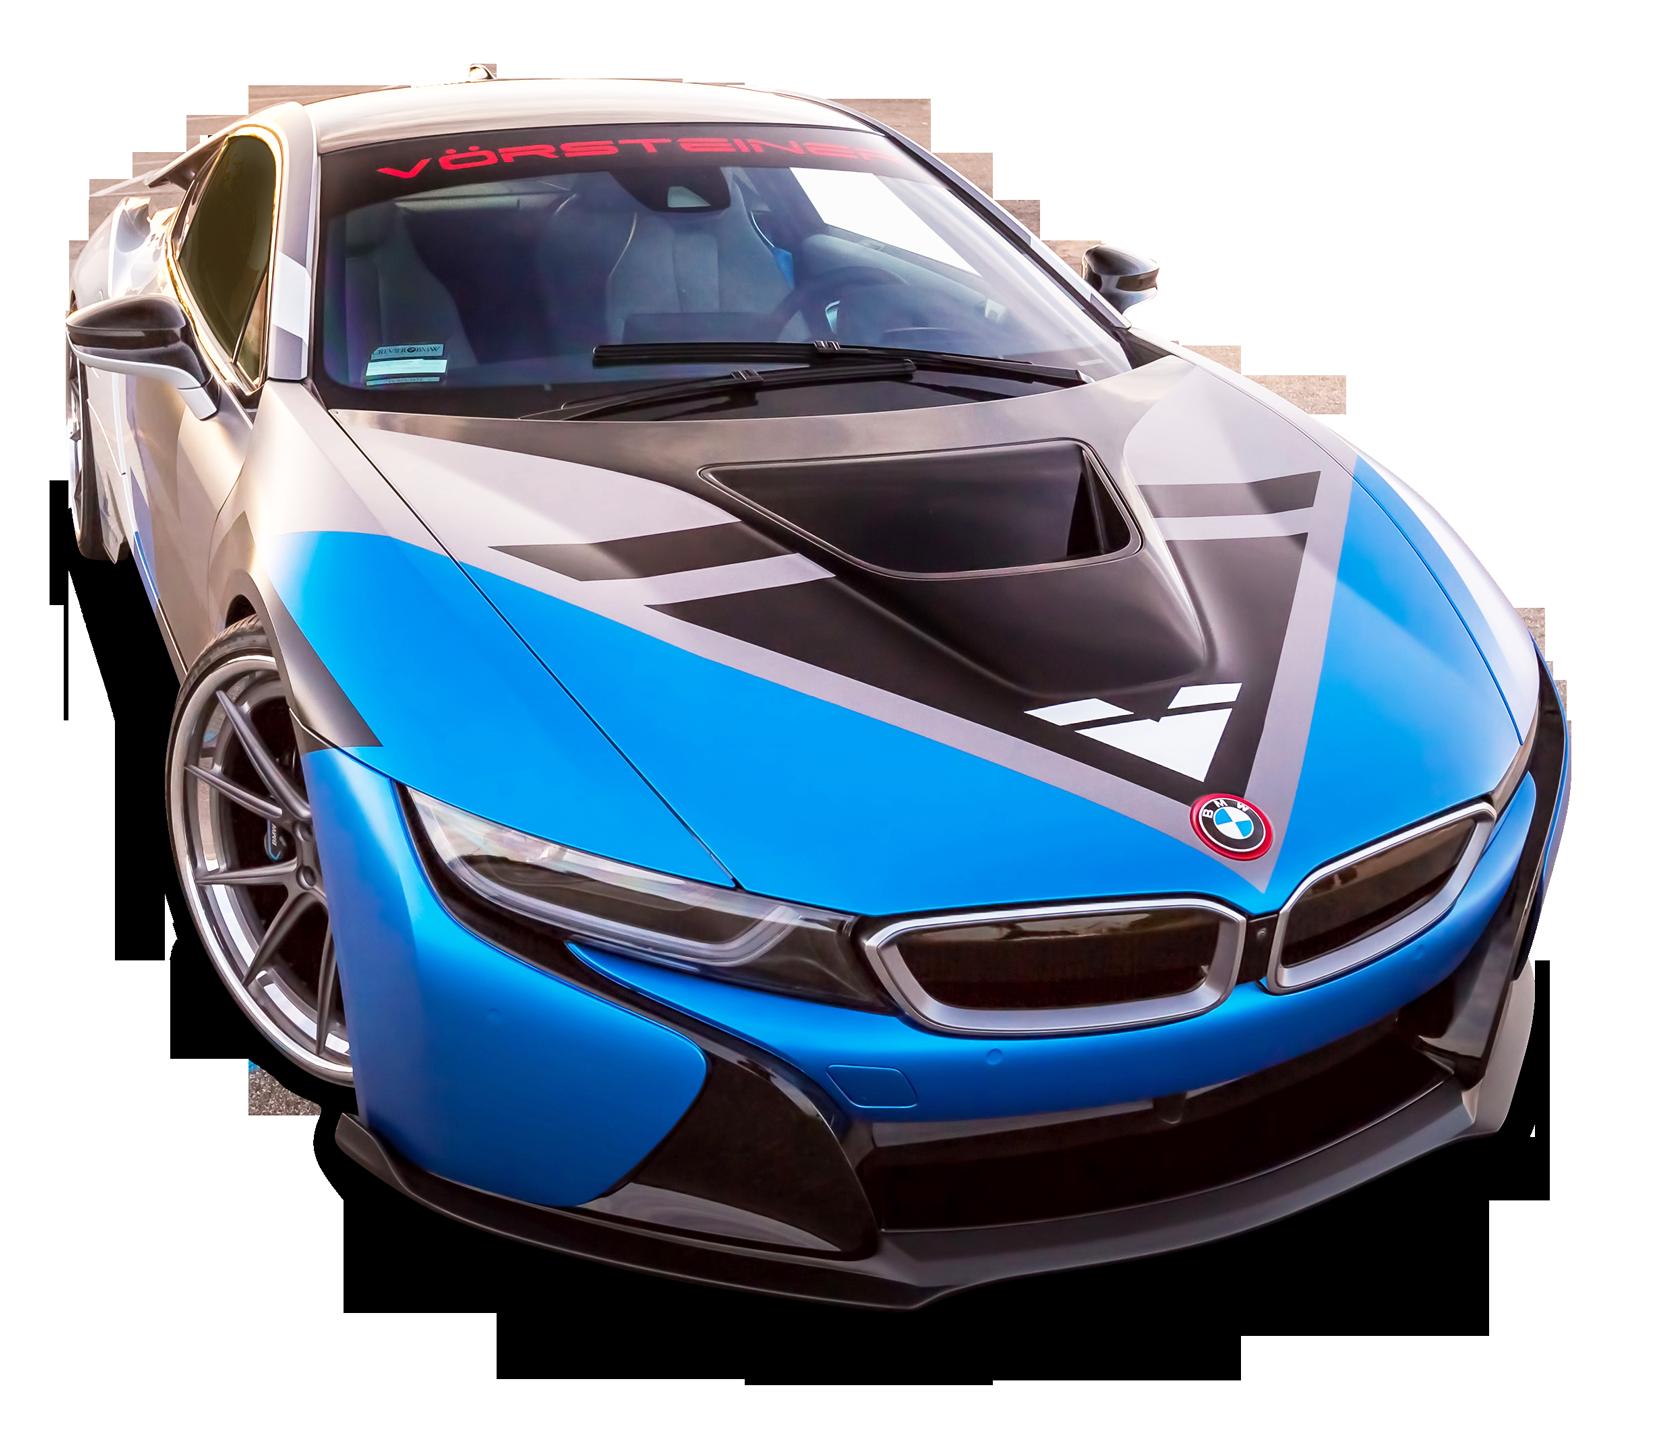 Vorsteiner Bmw I8 Vr E Blue Car Png Image Bmw I8 Blue Car Bmw